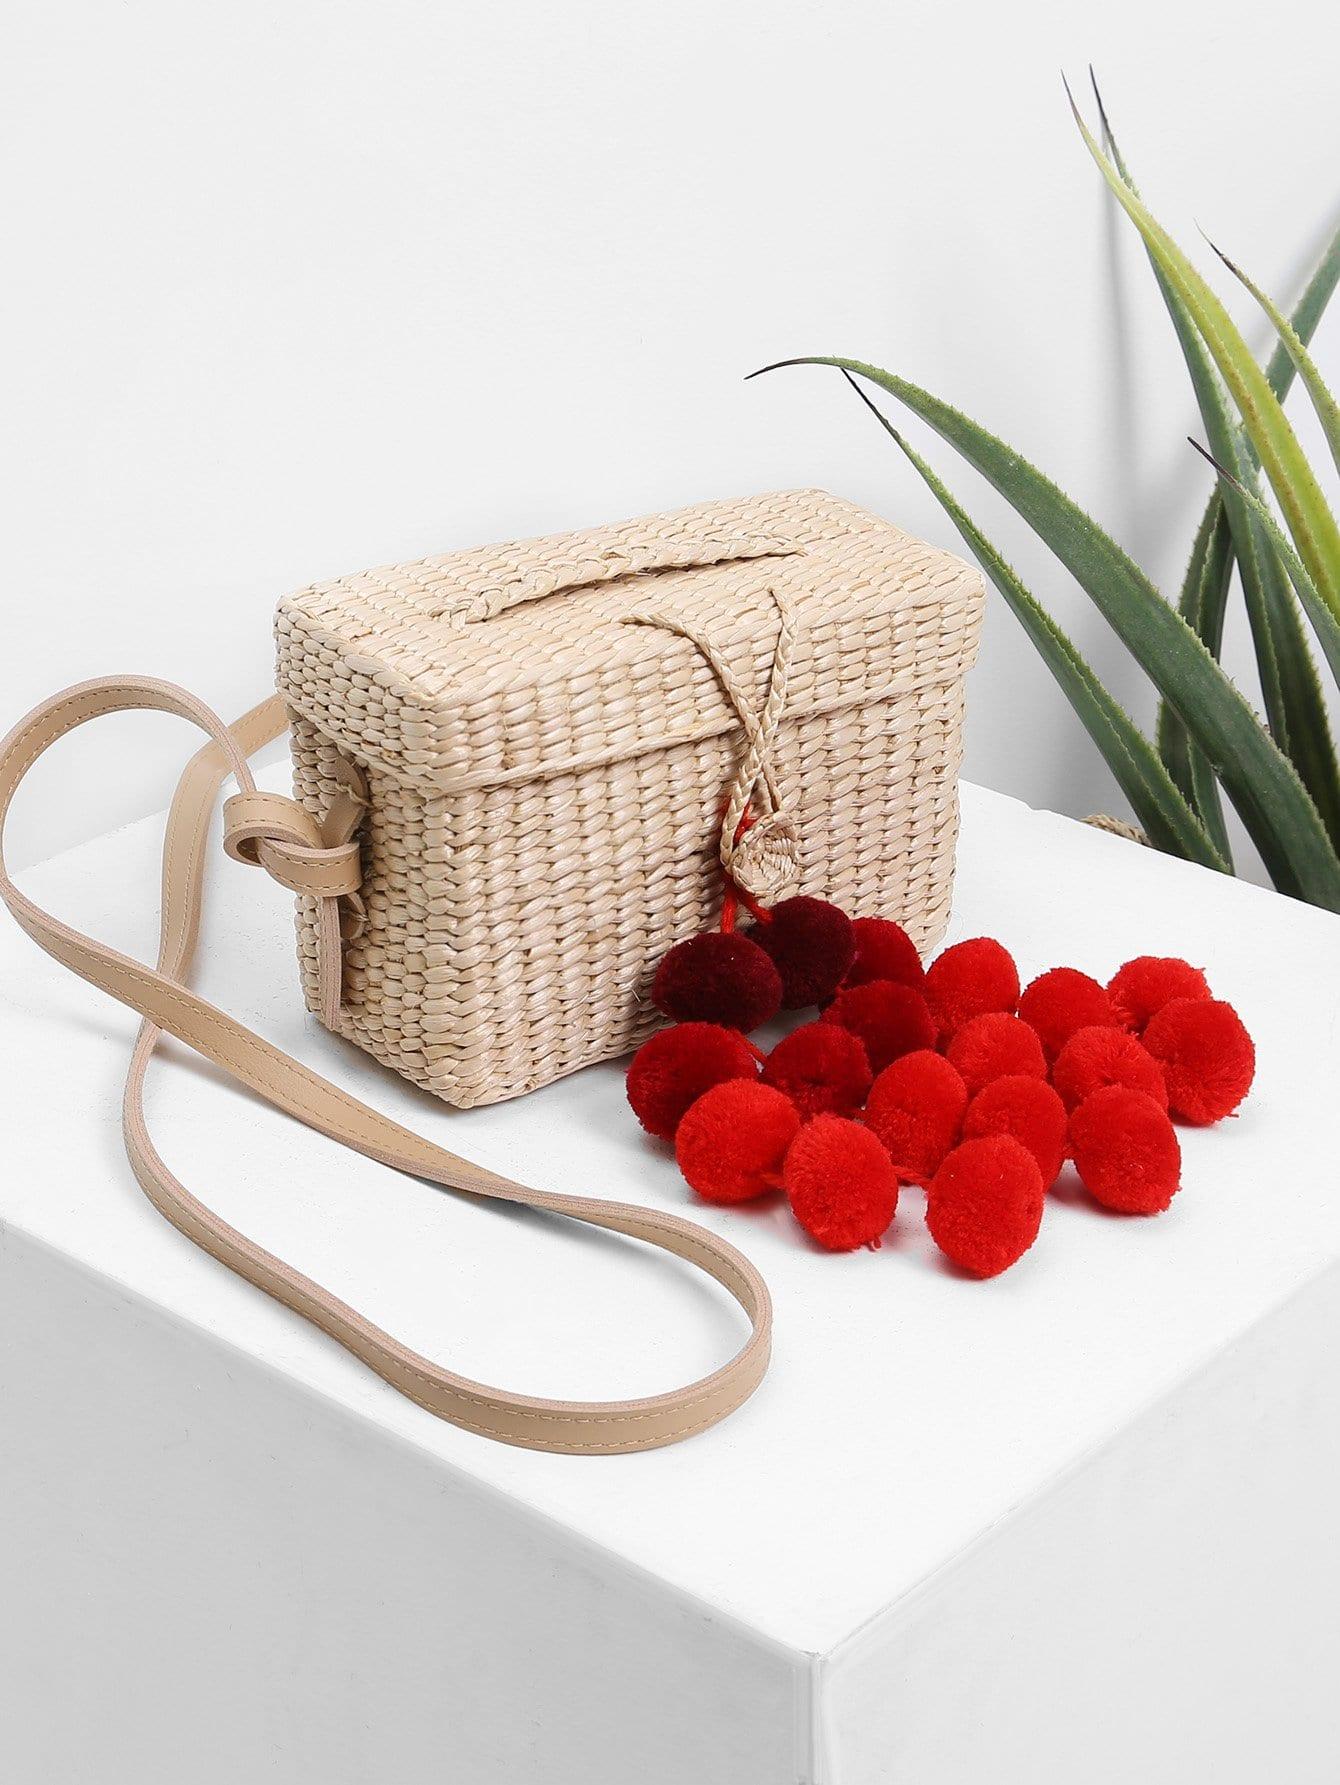 Pom Pom Decorated Straw Shoulder Bag straw clutch bag with pom pom